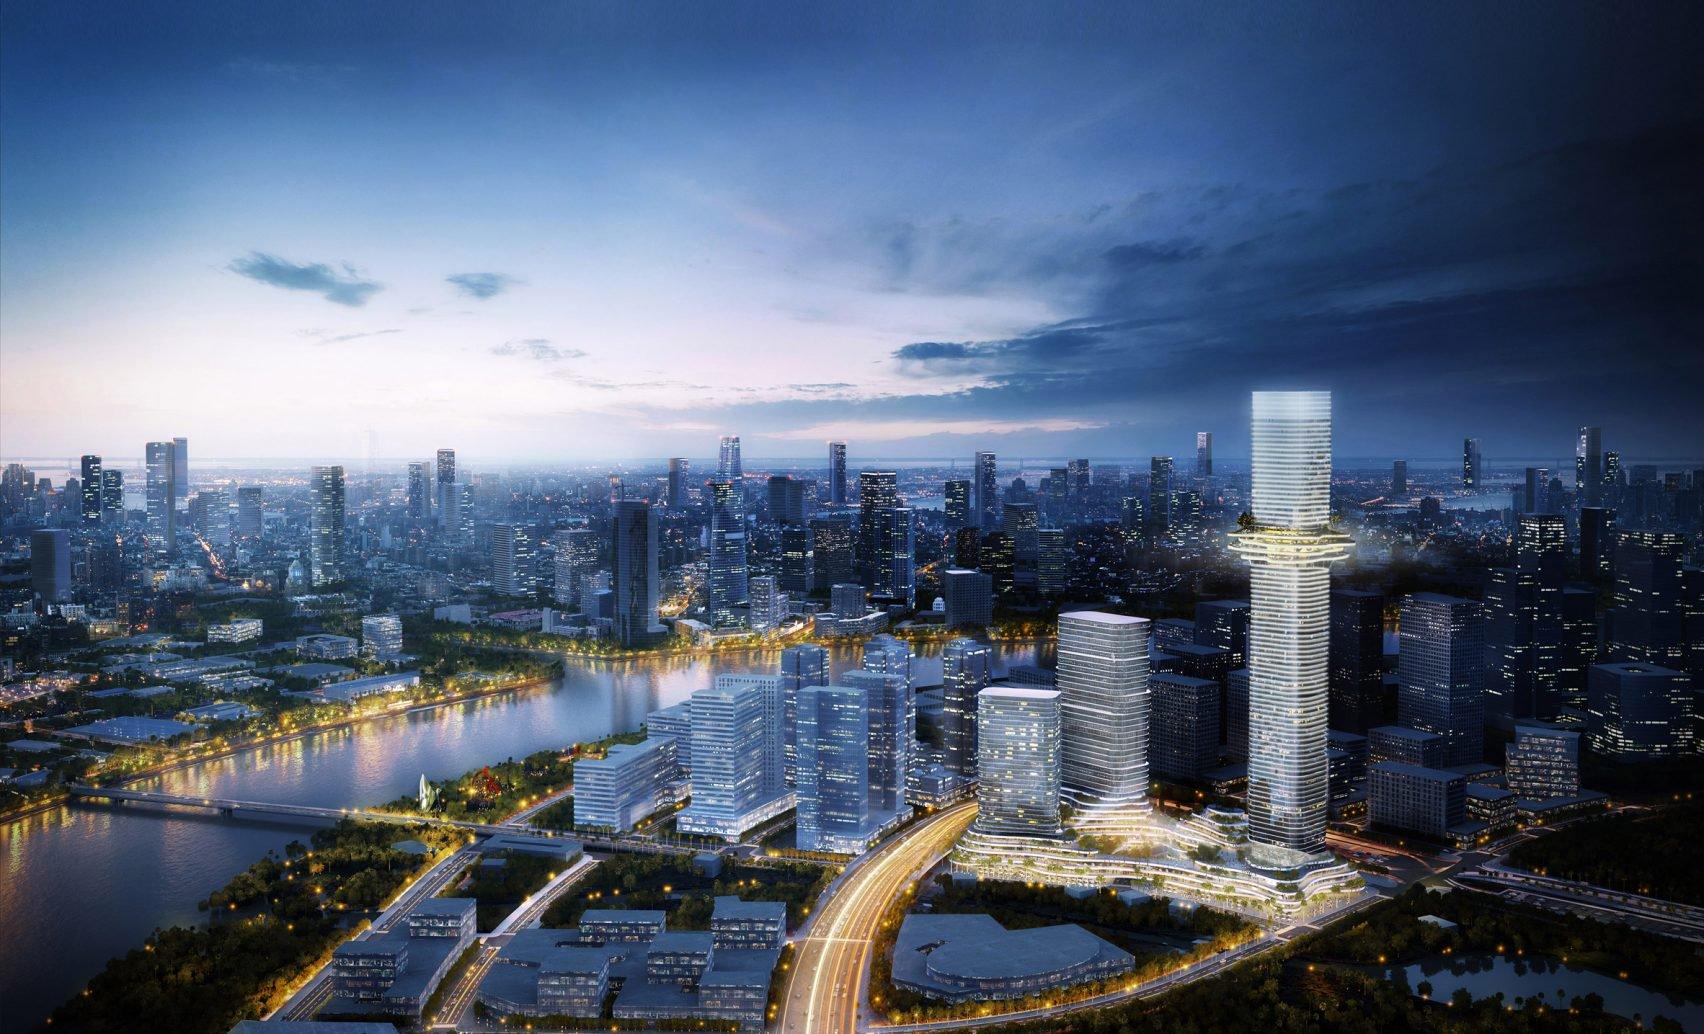 empire-city-ole-scheeren-ho-chi-min-vietnam-news-architecture_dezeen_2364_col_0-1704x1034.jpg